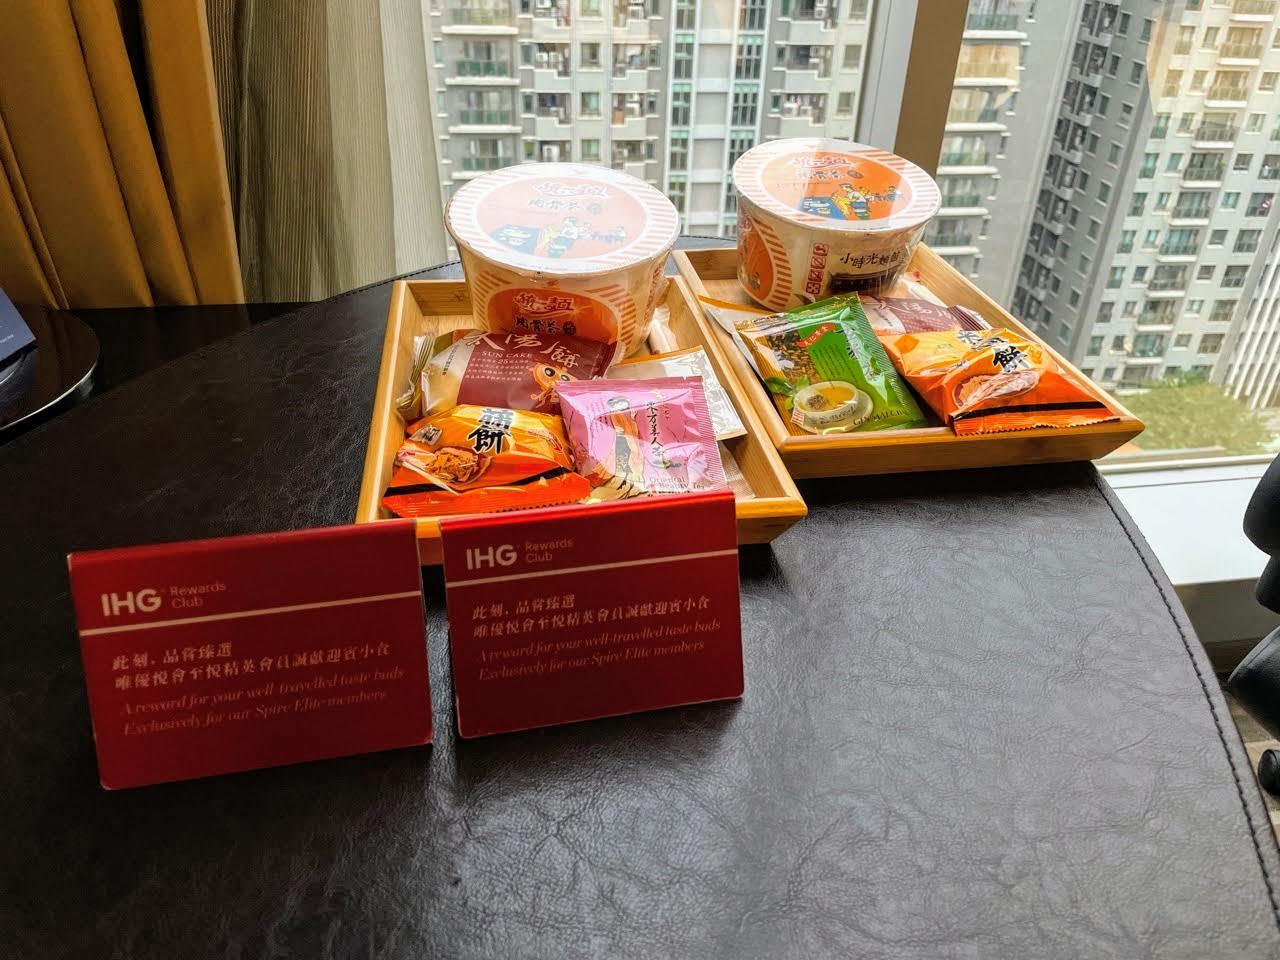 臺中公園智選假日飯店。豐富的美味早餐 鄰近火車站交通便利還有免費停車的舒適飯店